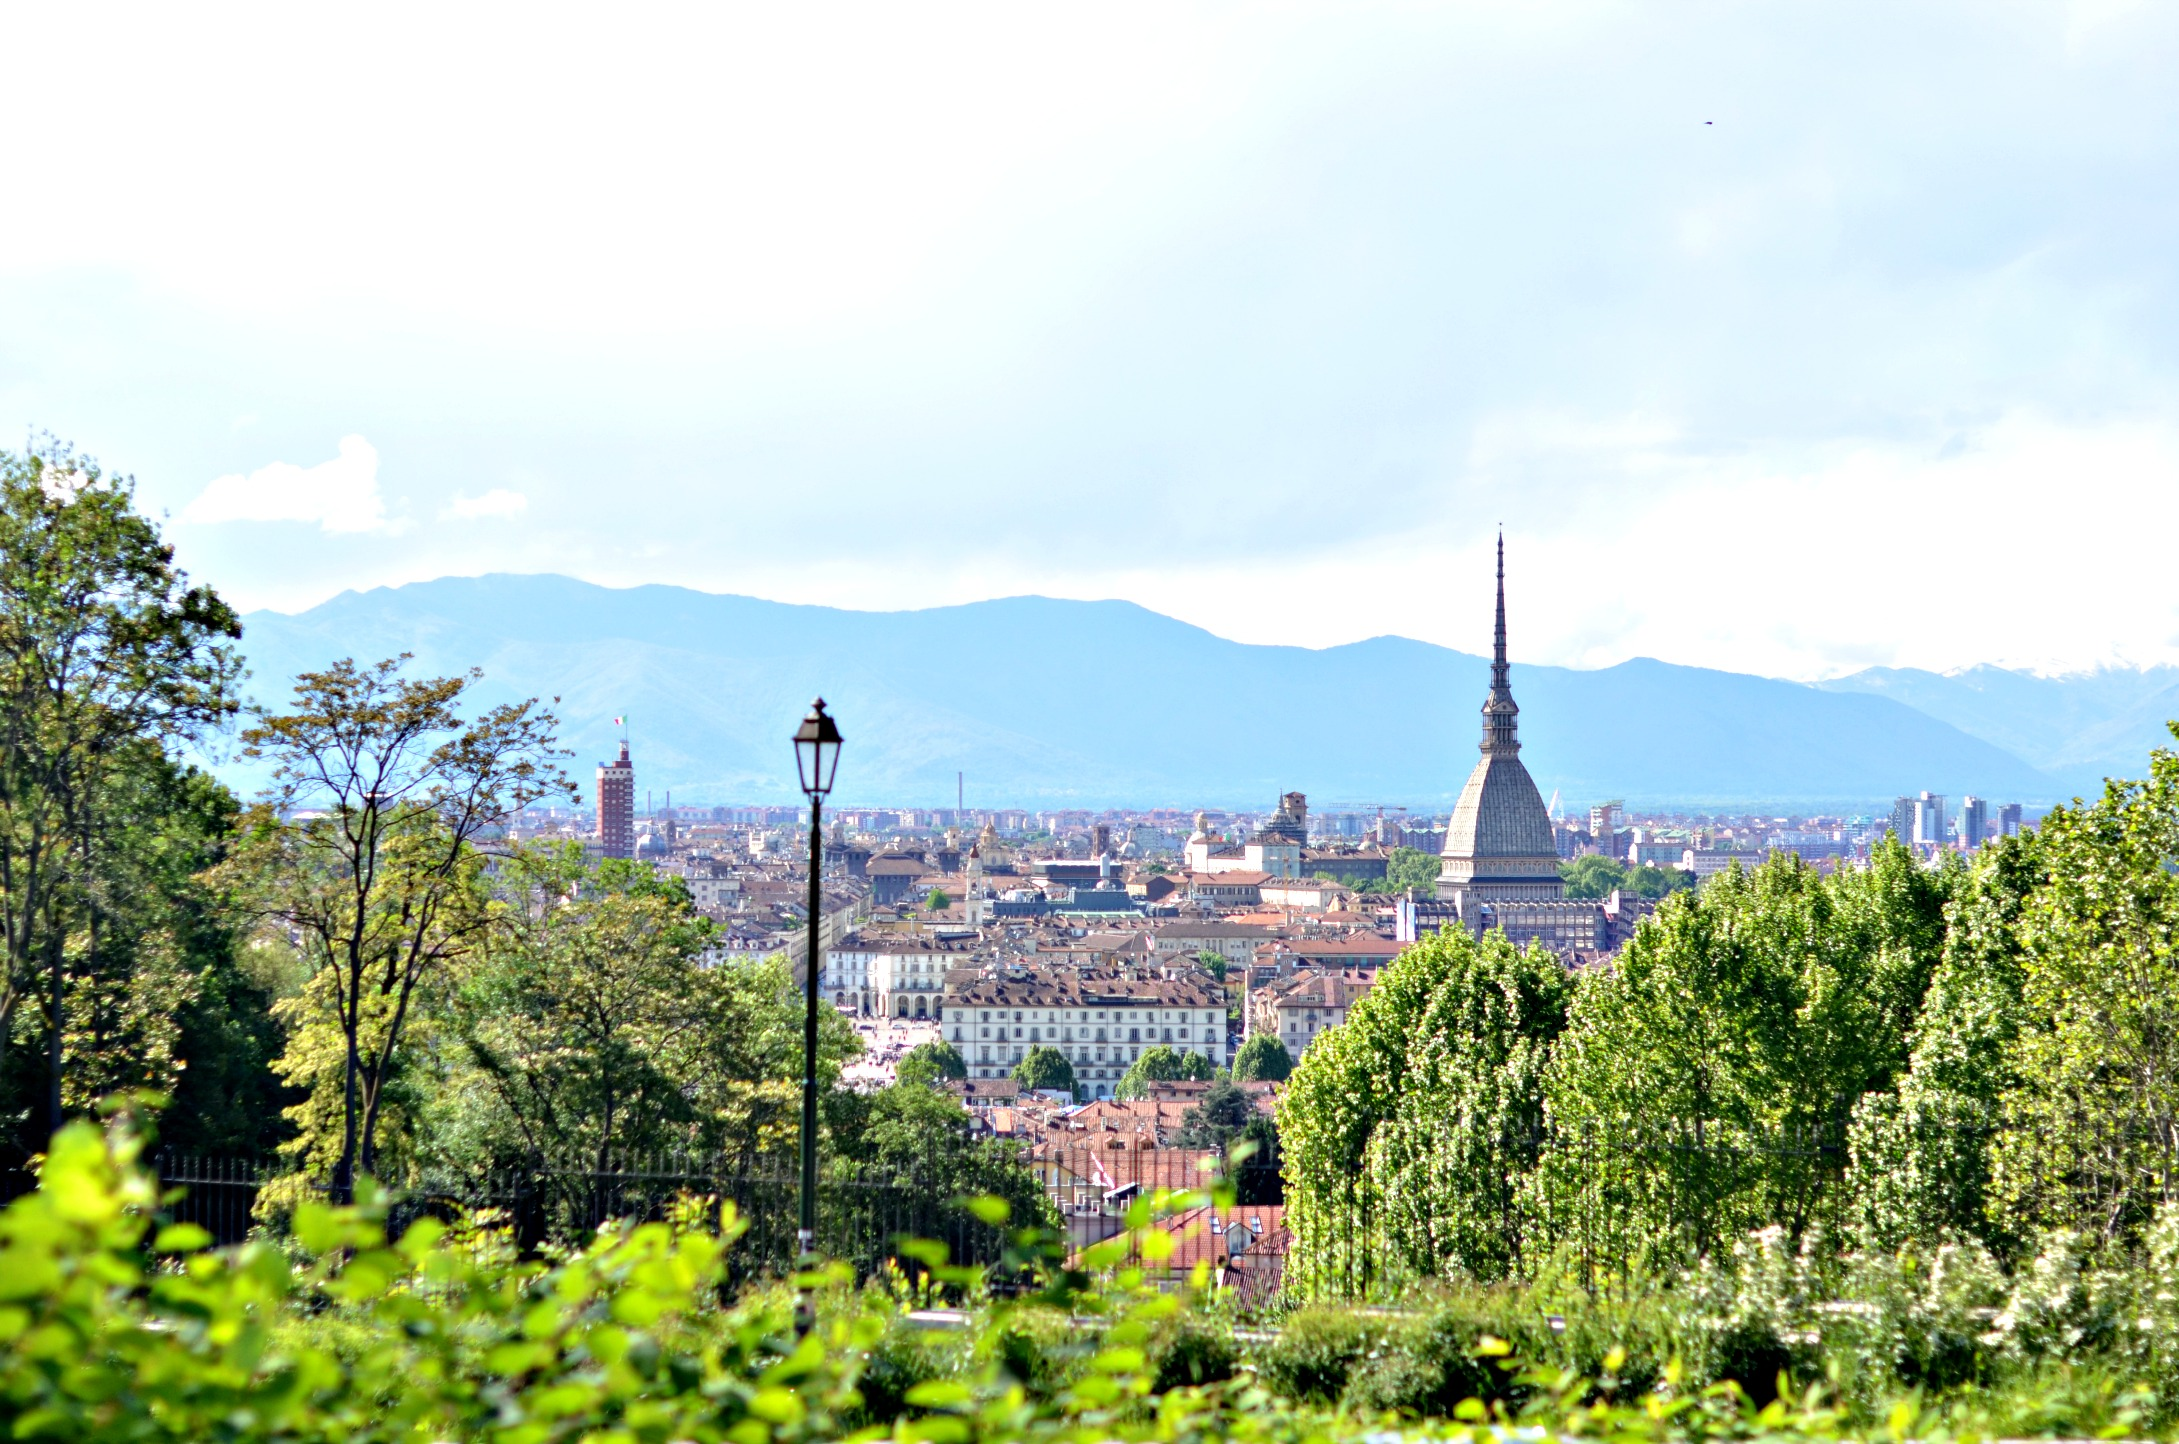 Torino vista dalla collina